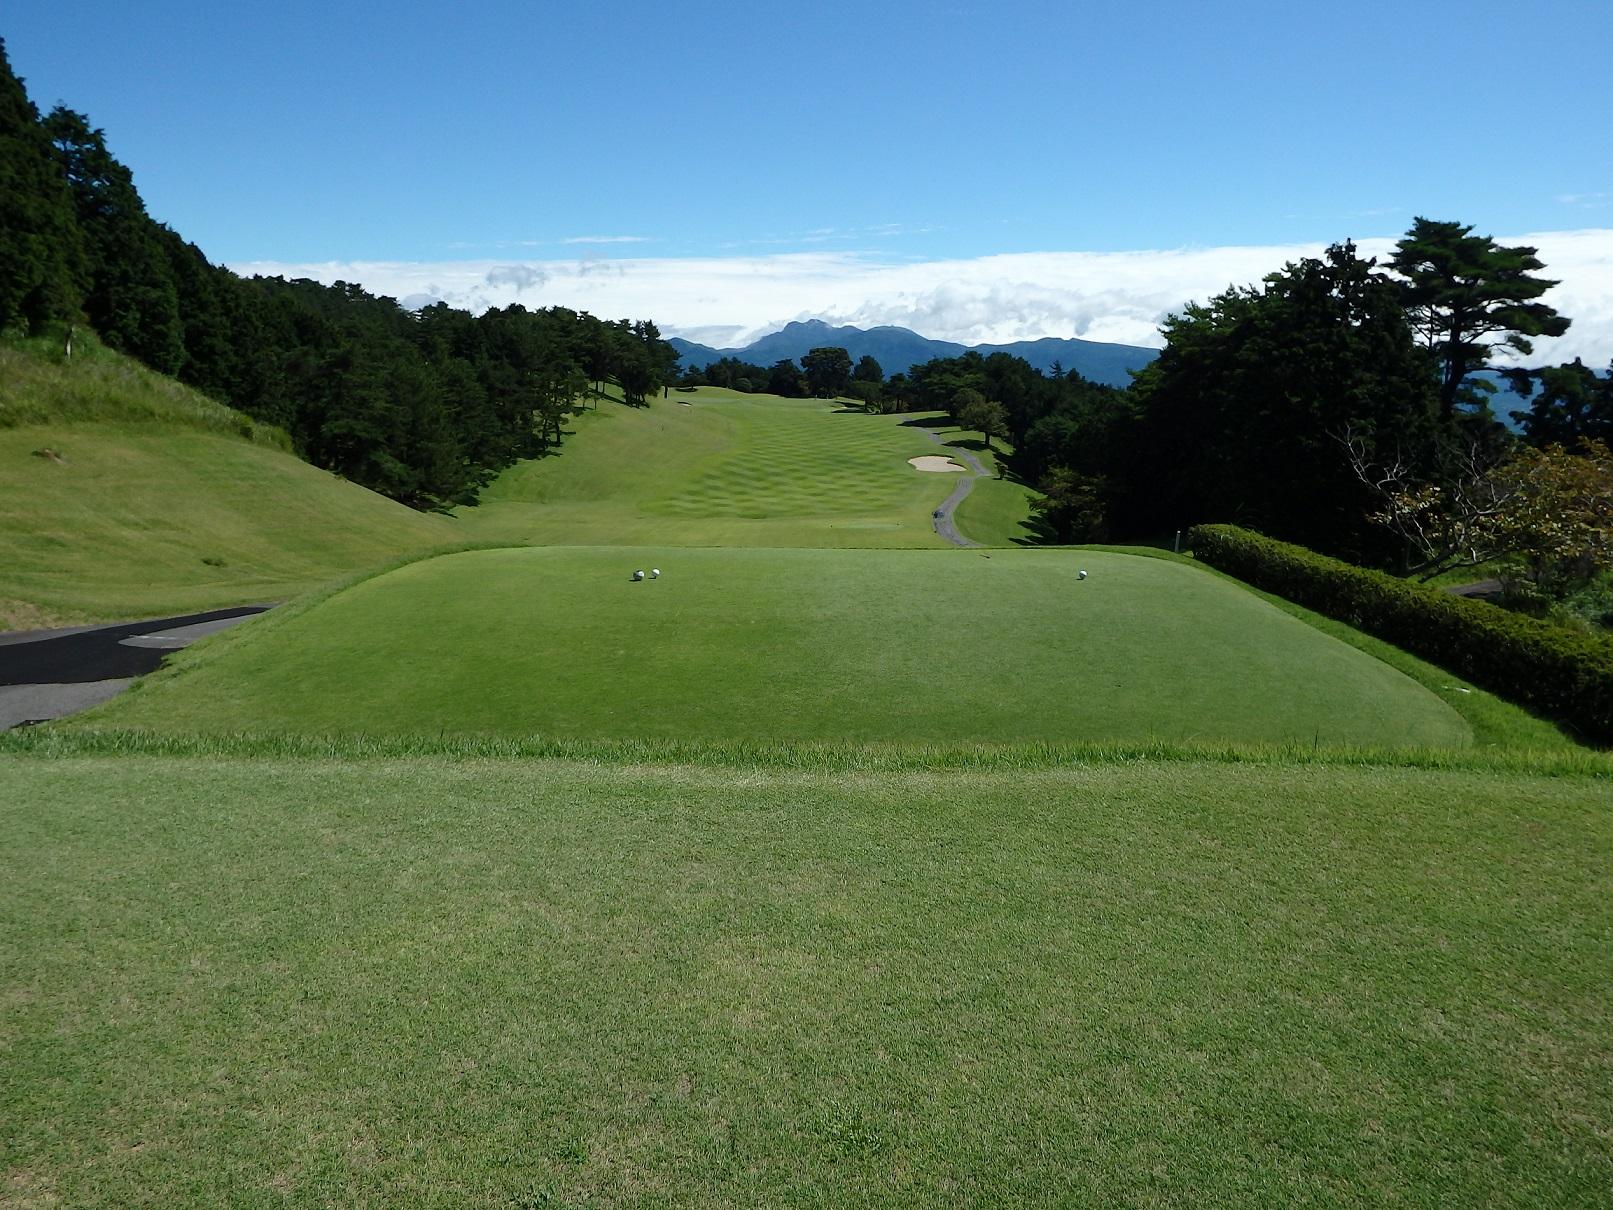 静岡県・富士エースゴルフ倶楽部